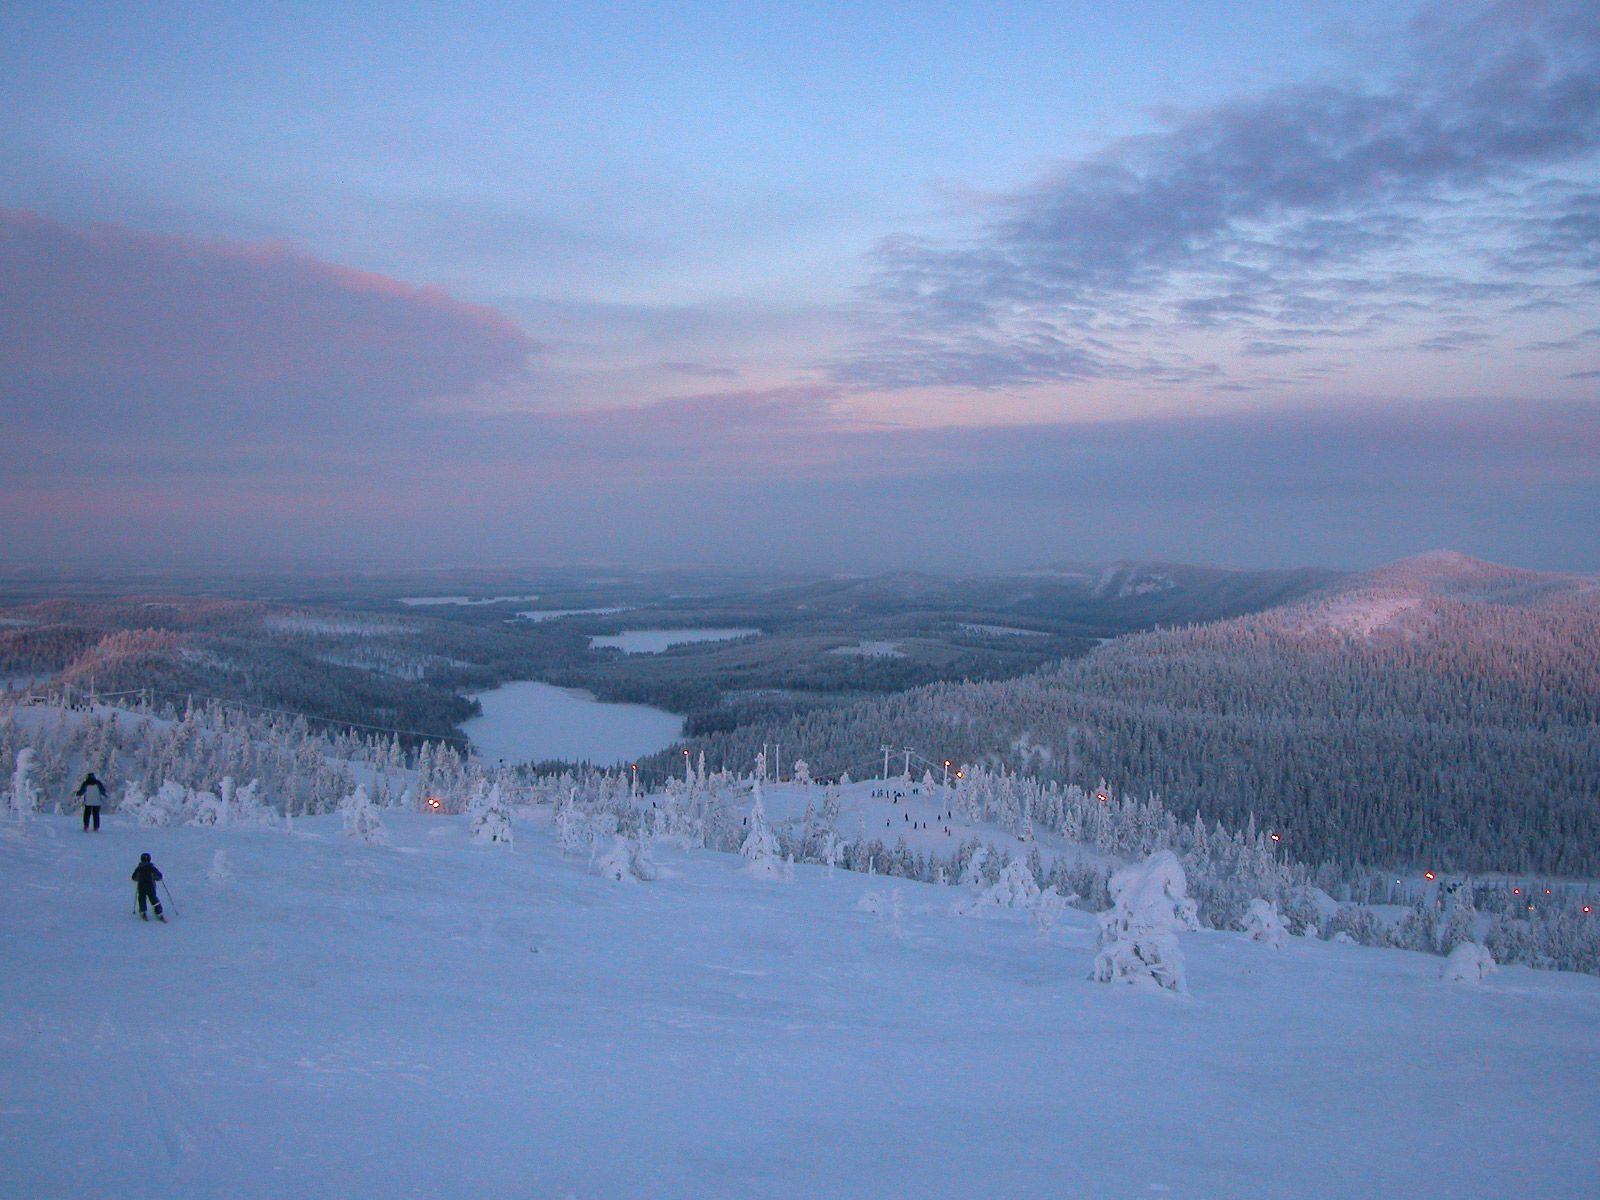 Ruka Ski Resort, Finland. During the polar night   Ruka hiihtokeskus Kaamos, Suomi. I love RUKA.